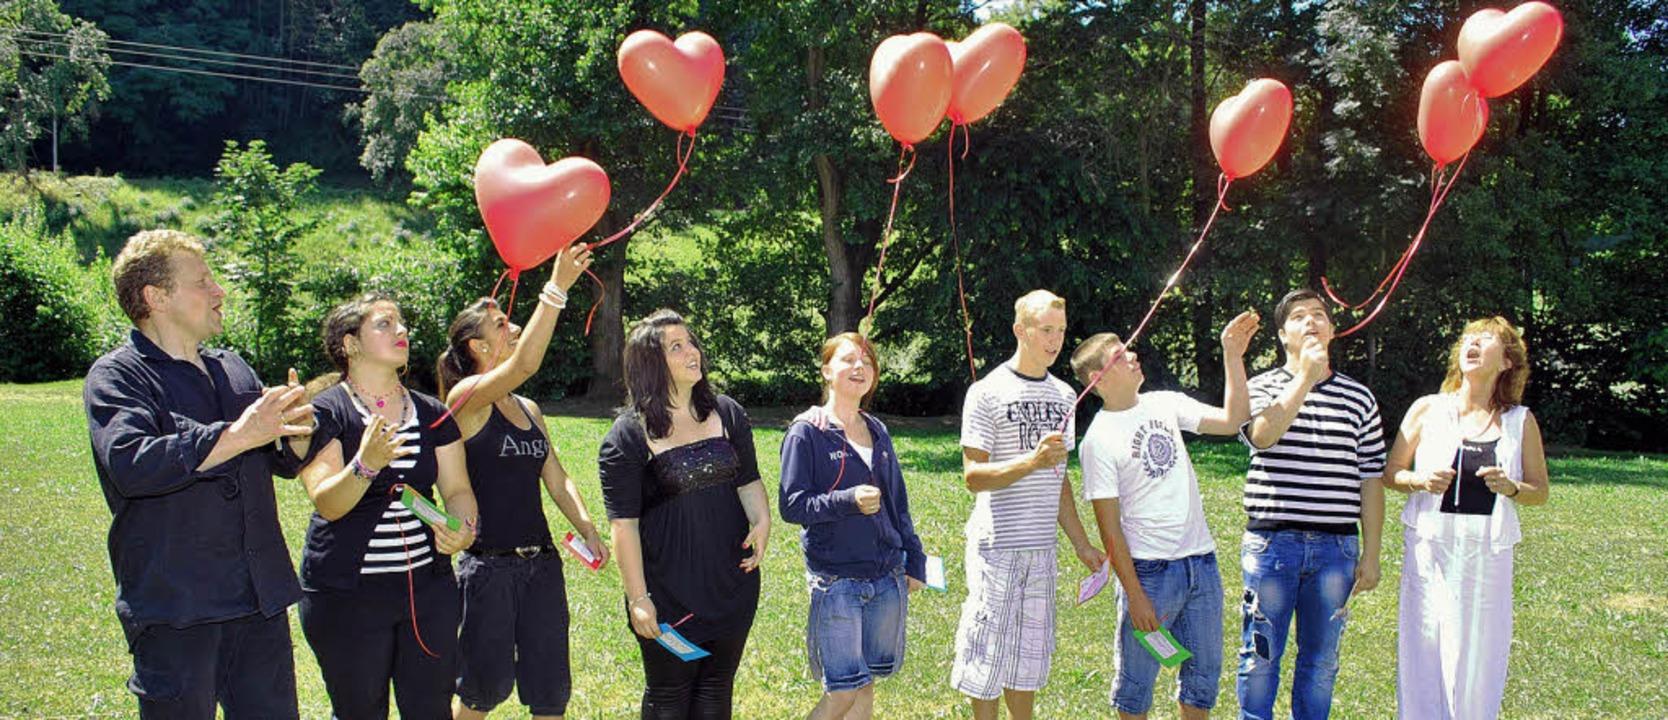 Die Schüler der neunten Klasse mit Kla...uftballons mit guten Wünschen steigen.  | Foto: Axel Dröber